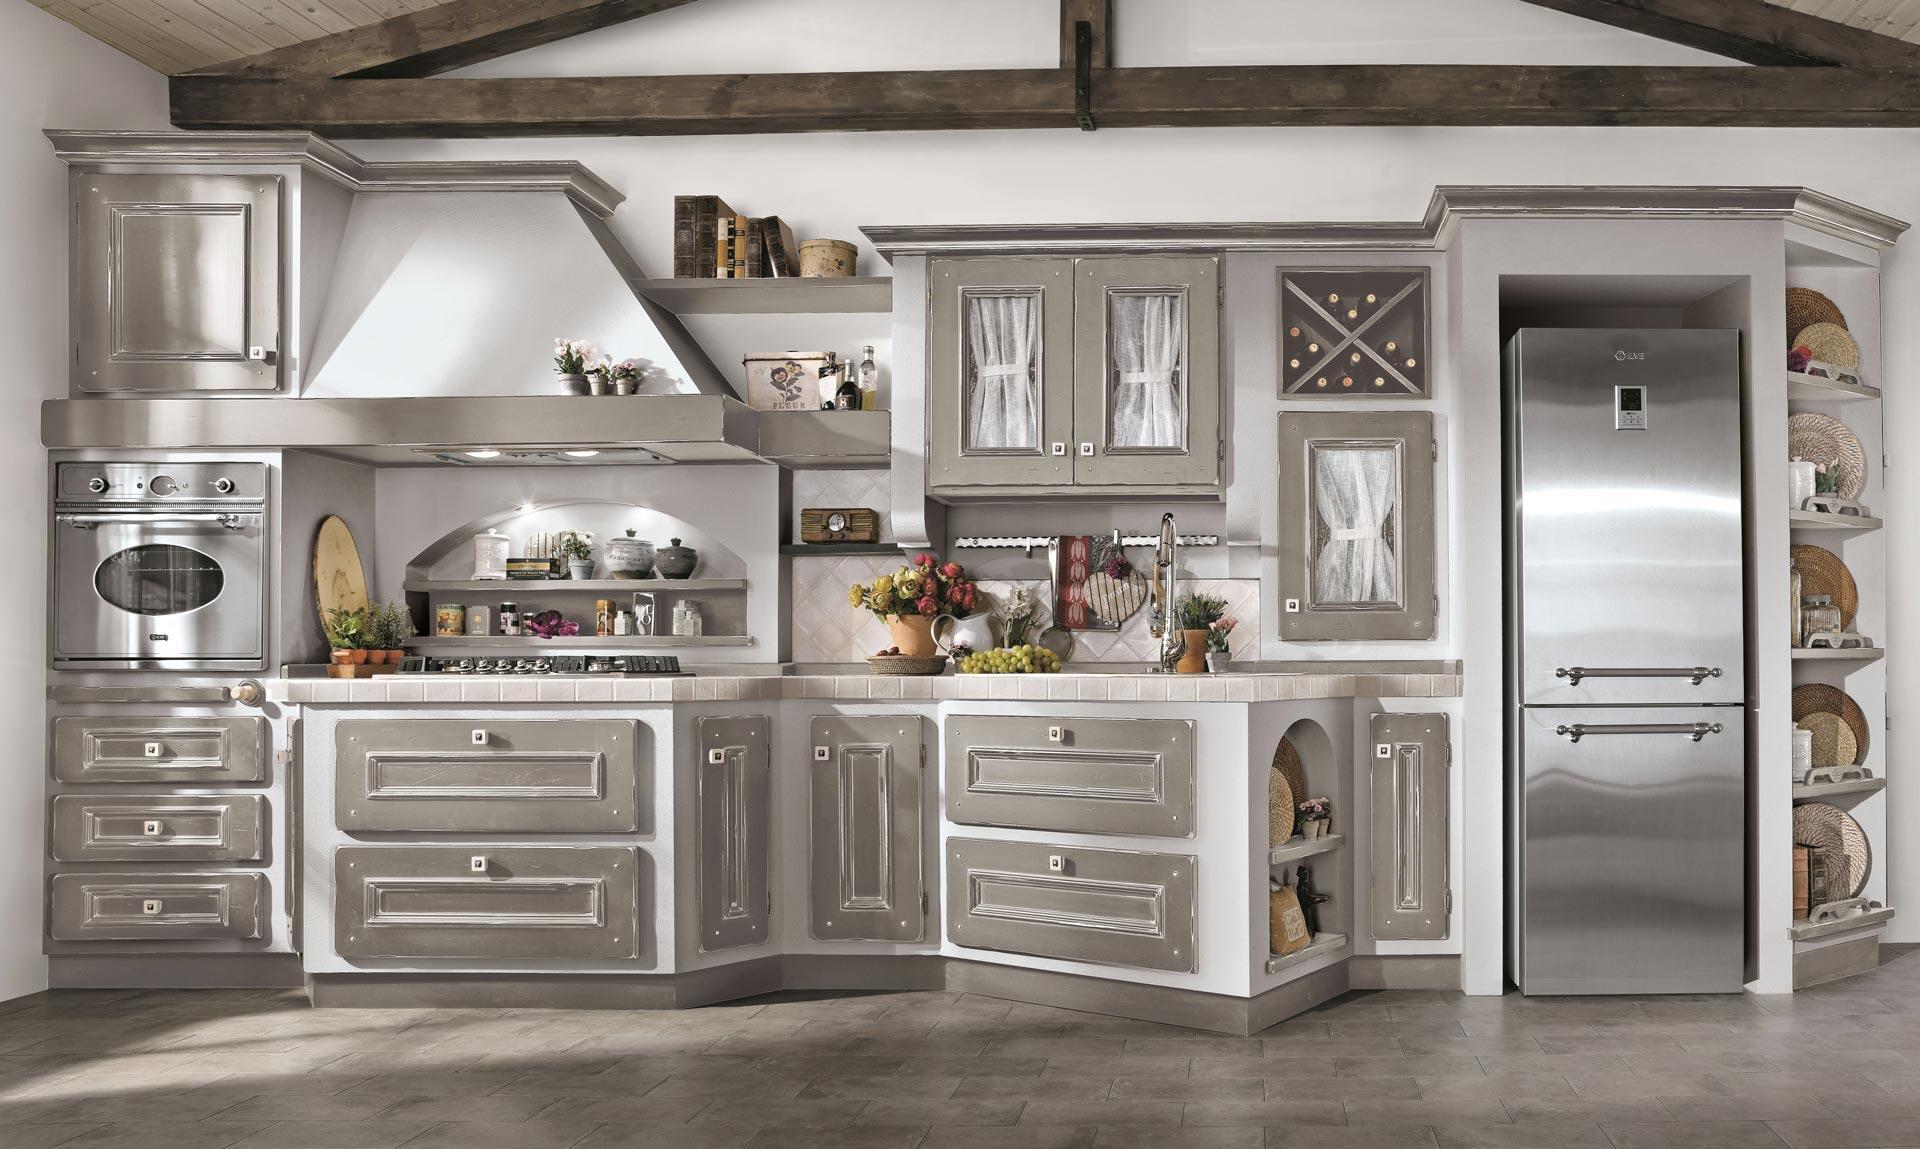 Cucina beatrice lube creo store corsico viale italia 22 - Cucine lube offerte ...